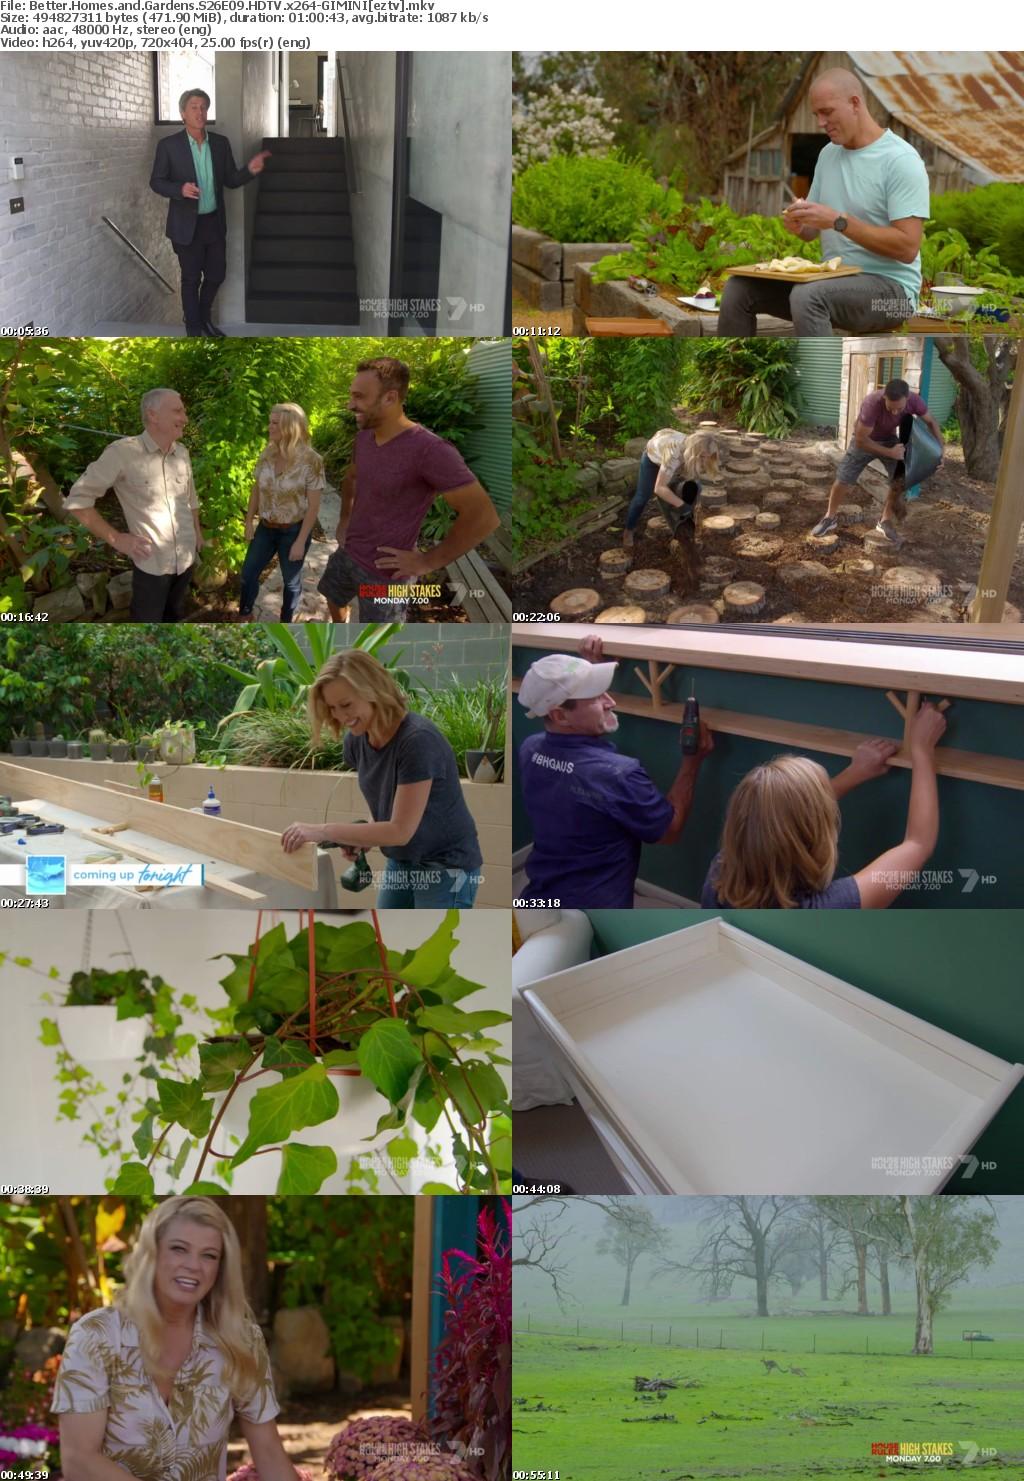 Better Homes and Gardens S26E09 HDTV x264-GIMINI